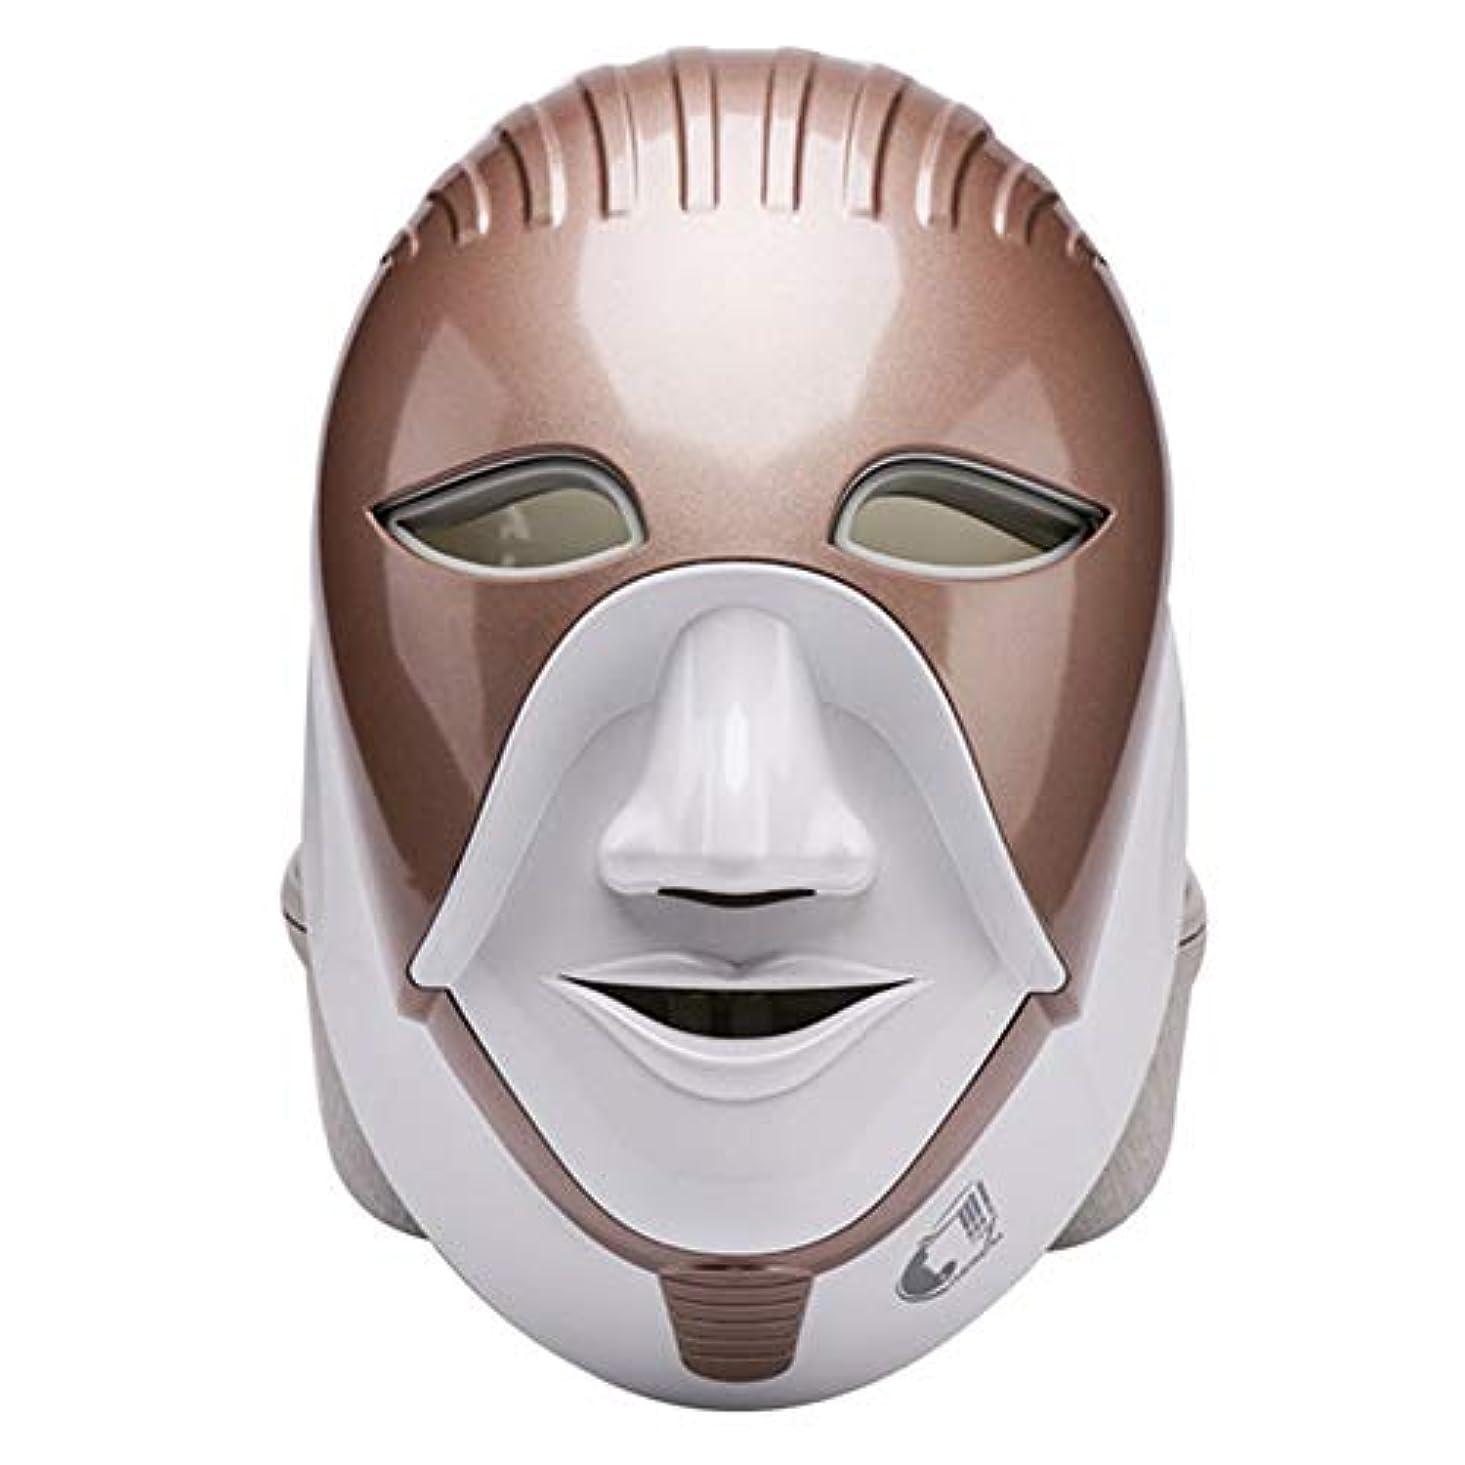 ラフレシアアルノルディ後継精神マスク、光線療法にきびマスク7色光をにきびに適用することができます。スポットにきび、引き締め肌ケアツール